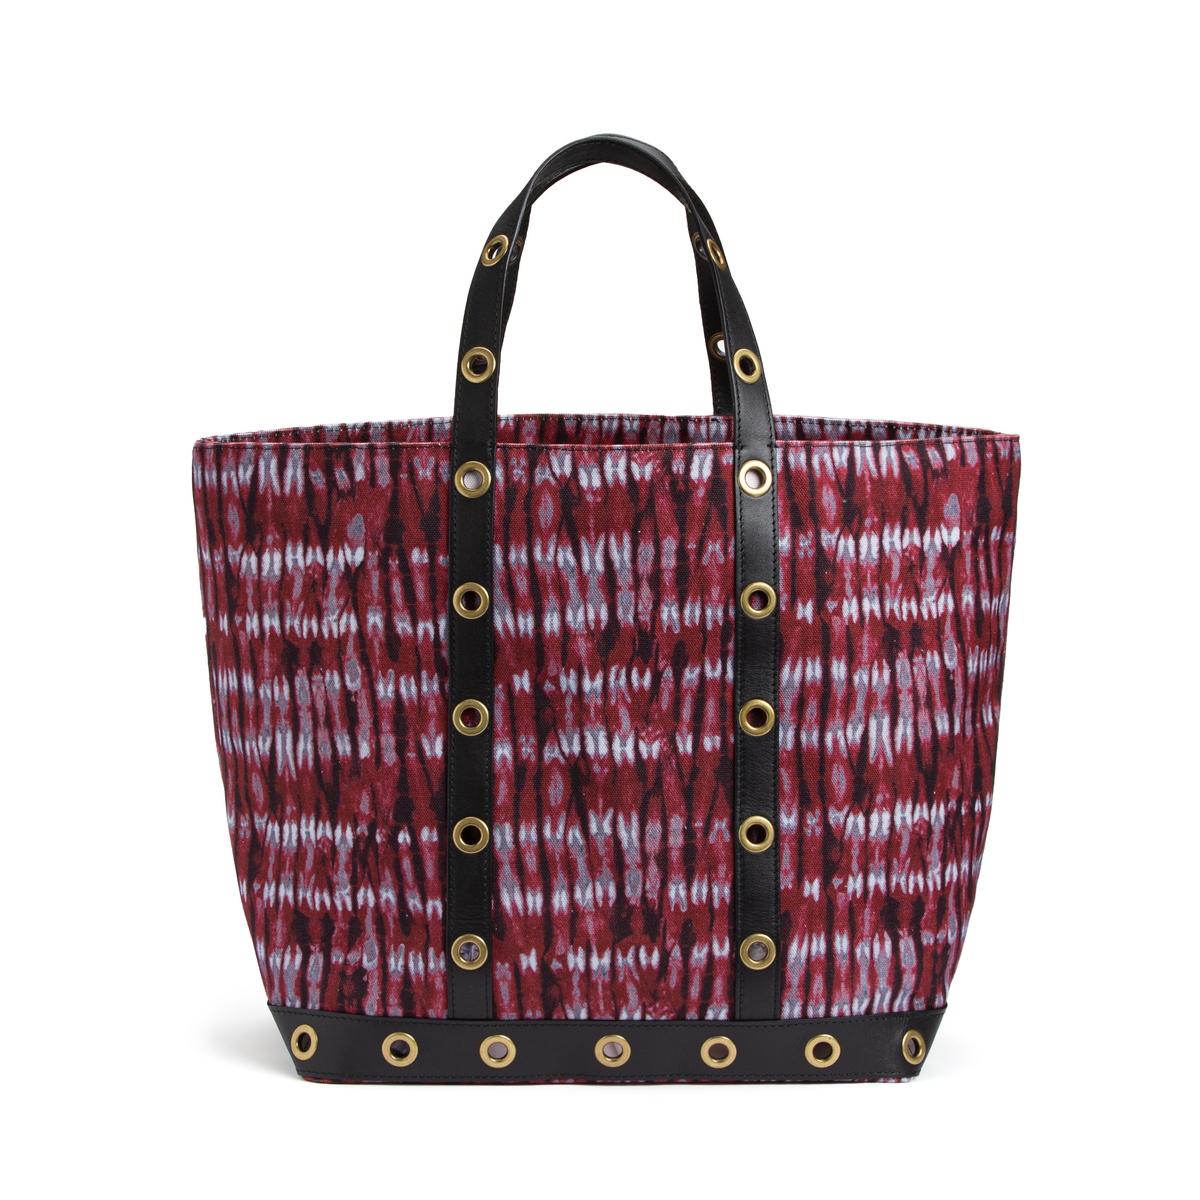 Сумка-шоппер La Redoute Среднего размера из ткани с рисунком и люверсами единый размер красный